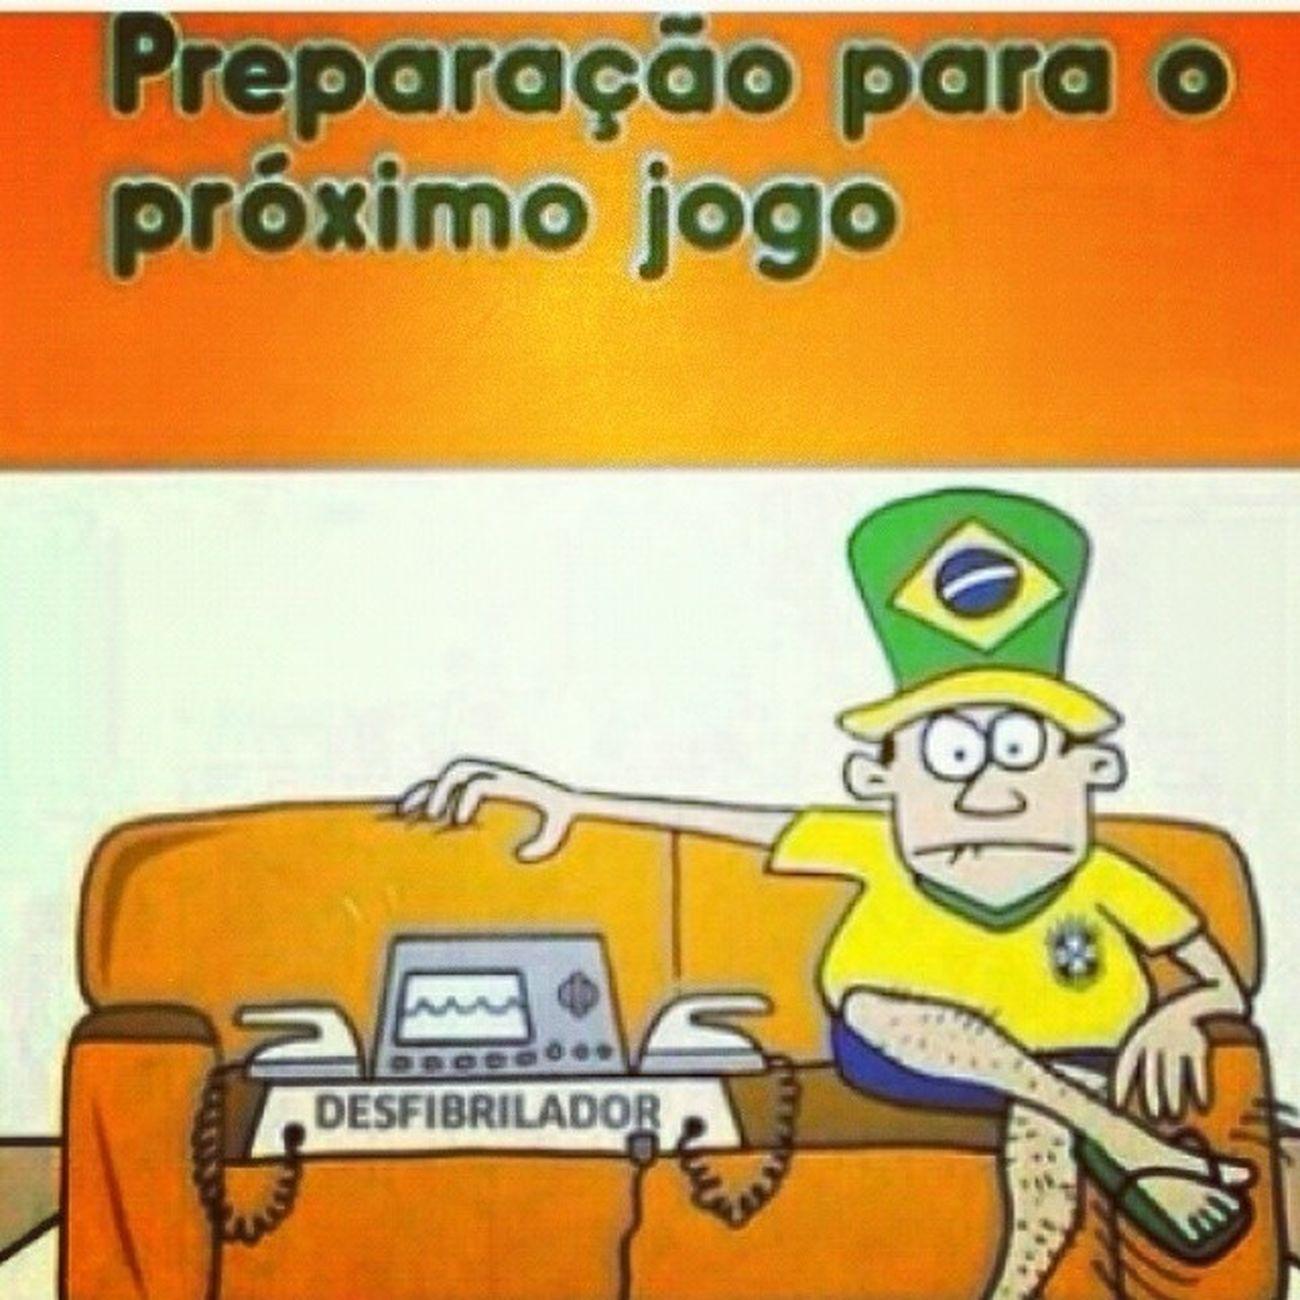 Família, estamos preparados. Que venha o jogo! Copa2014 Brasil HajaCoração